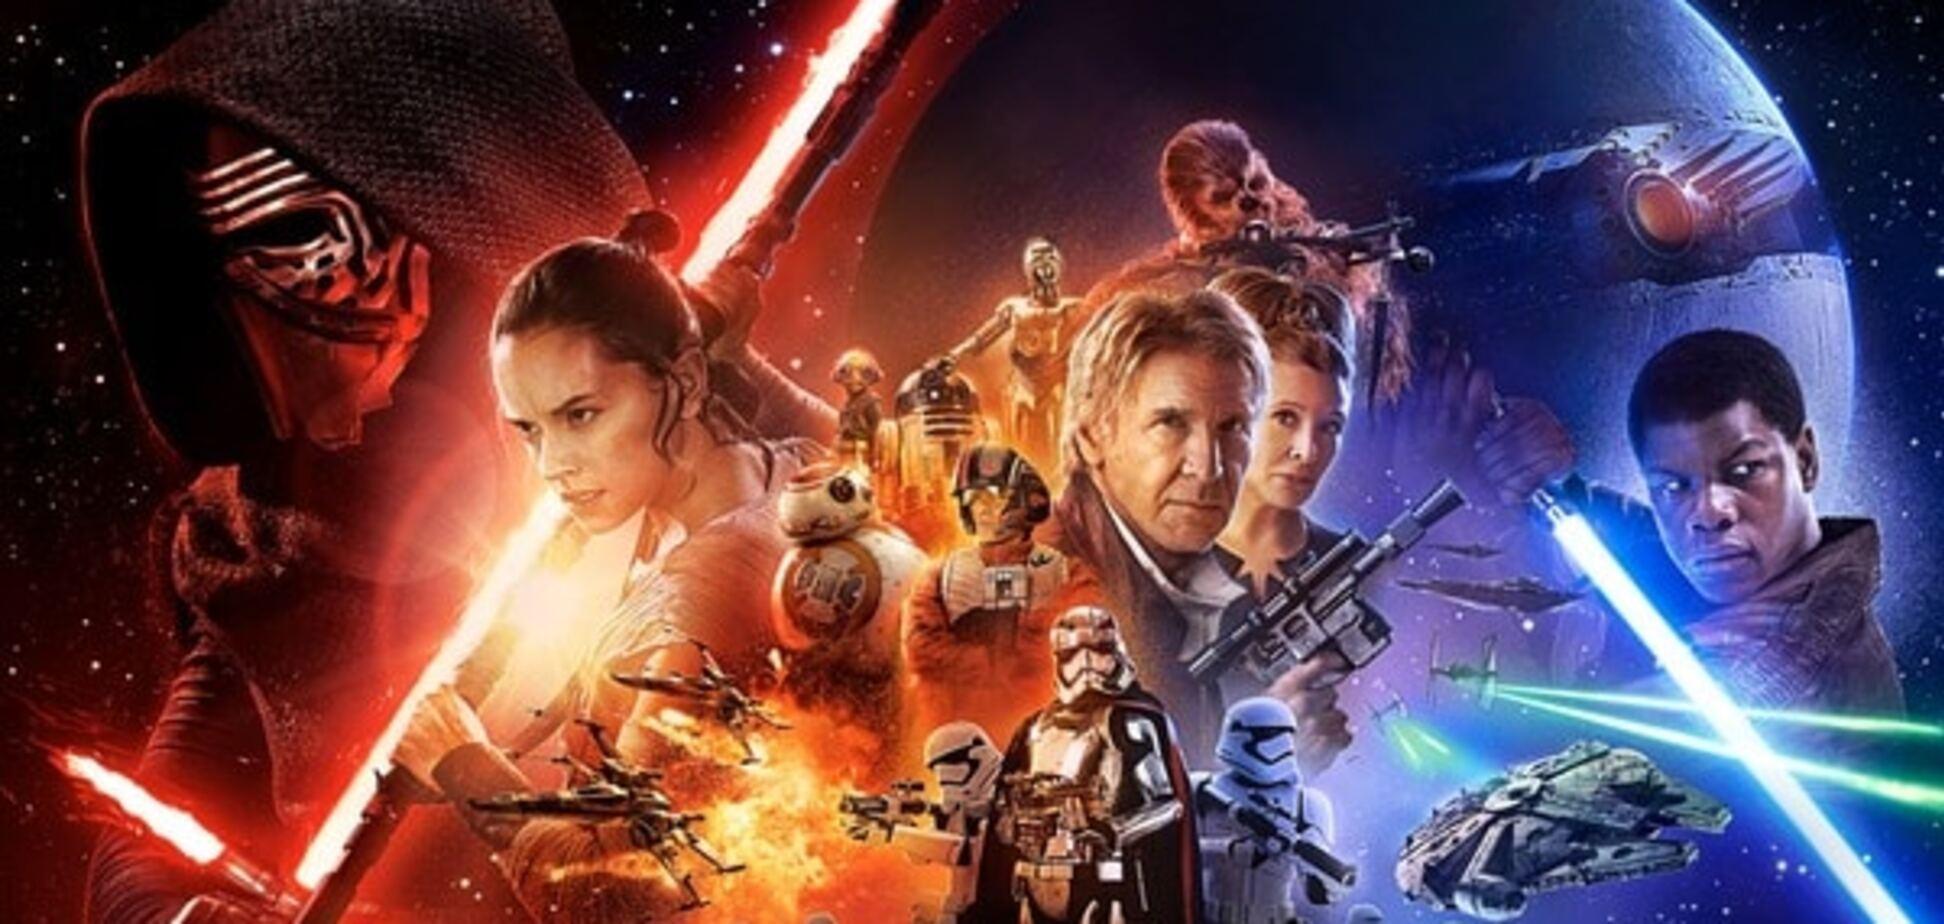 Читать после просмотра: ответы на главные тайны седьмого эпизода 'Звездных войн'